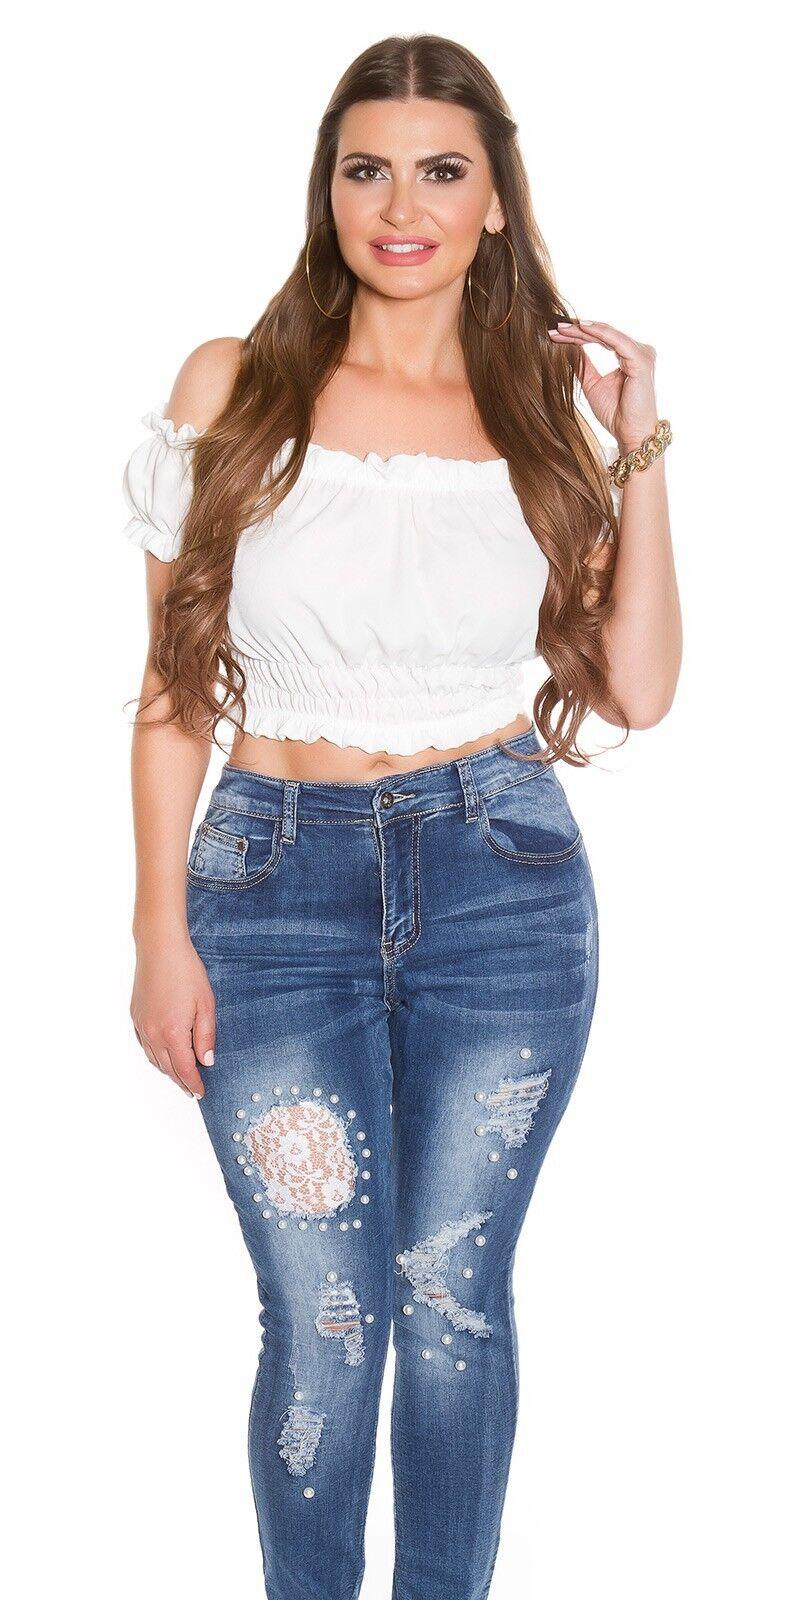 Curvy Girls Damen Jeanshose Skinny Jeans Used Used Used Look mit Zierperlen und Spitze | Queensland  | Um Sowohl Die Qualität Der Zähigkeit Und Härte  | Ausgezeichnete Qualität  | Überlegene Qualität  | 2019  056a67